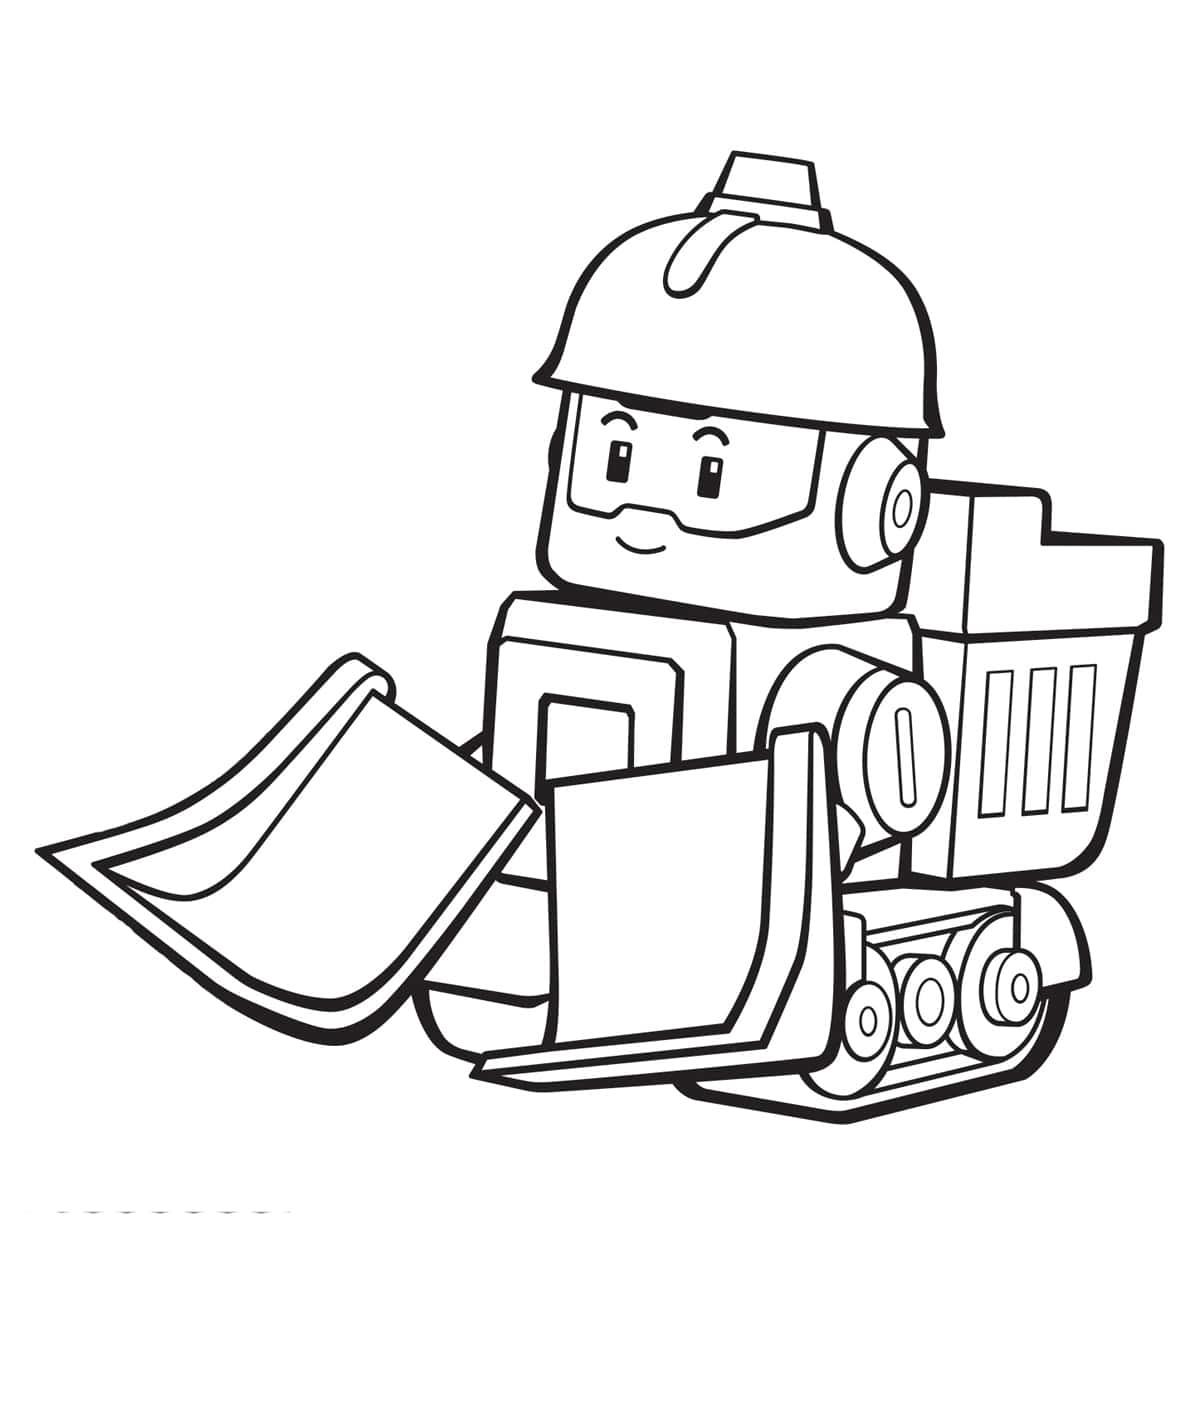 раскраски поли робокар распечатайте онлайн